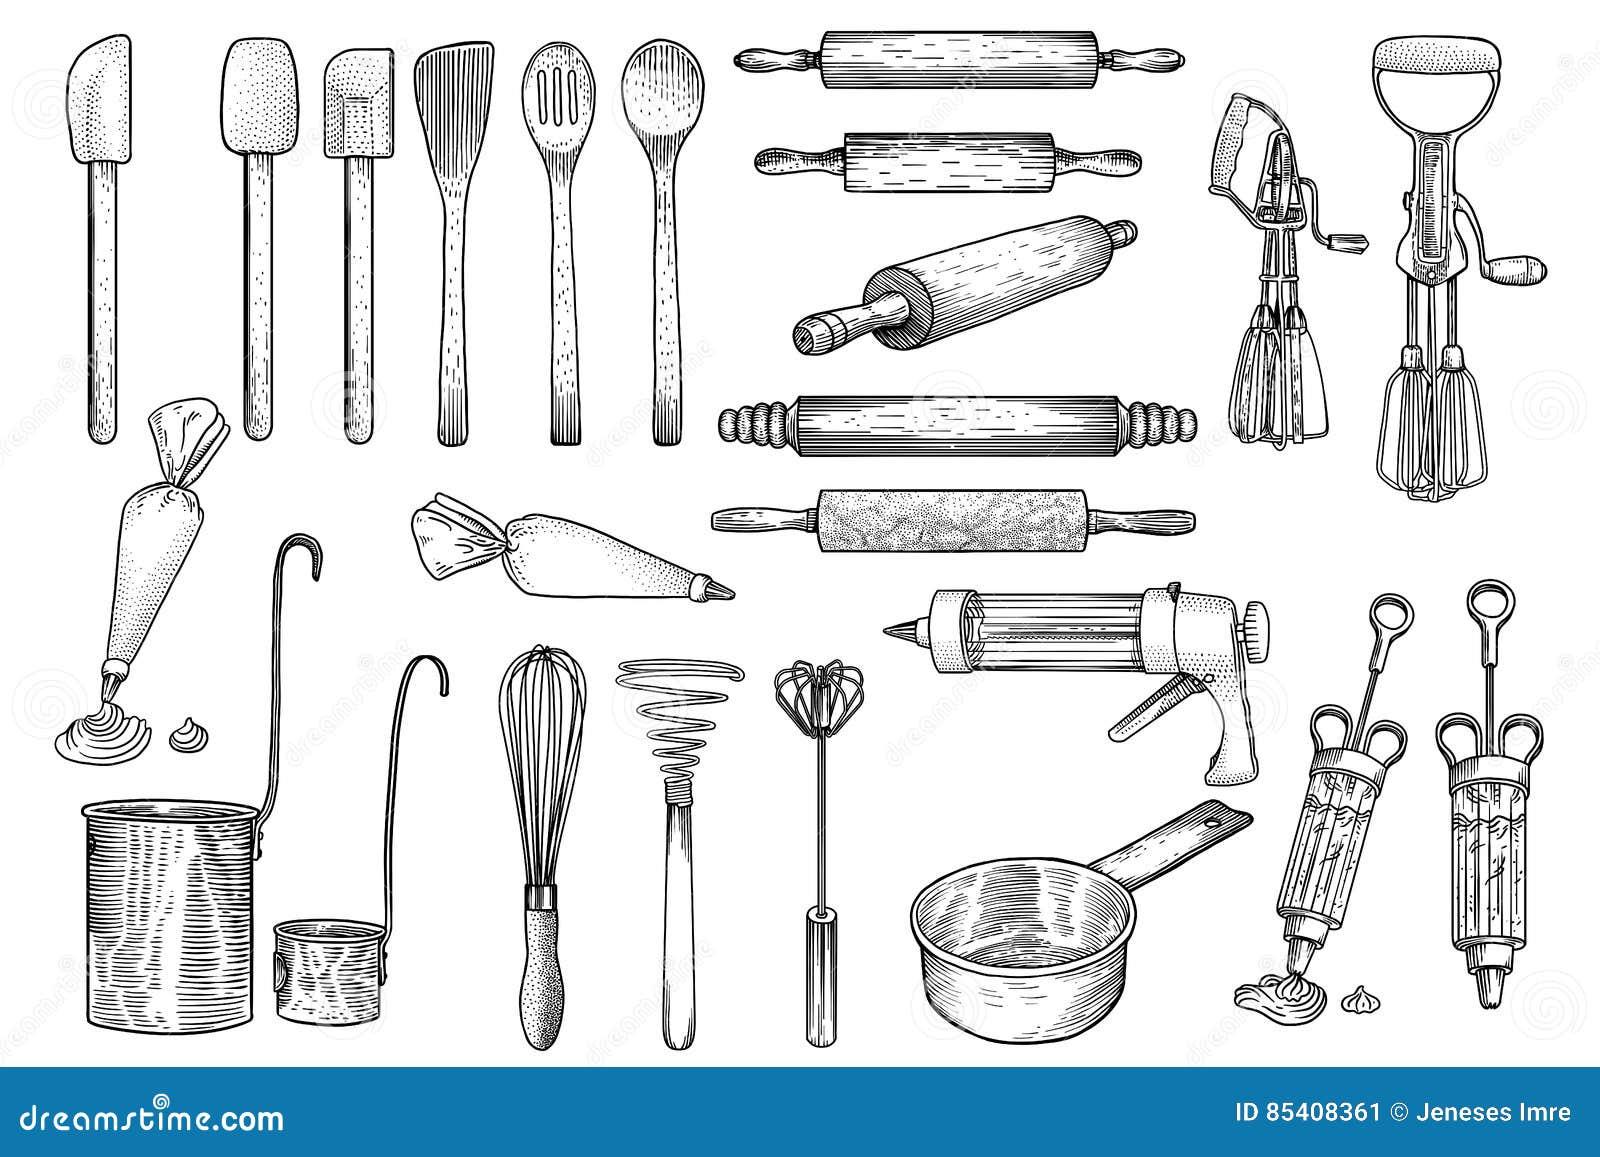 La cuisine, outil, ustensile, vecteur, dessin, gravure, illustration, battent, goupille, décorant